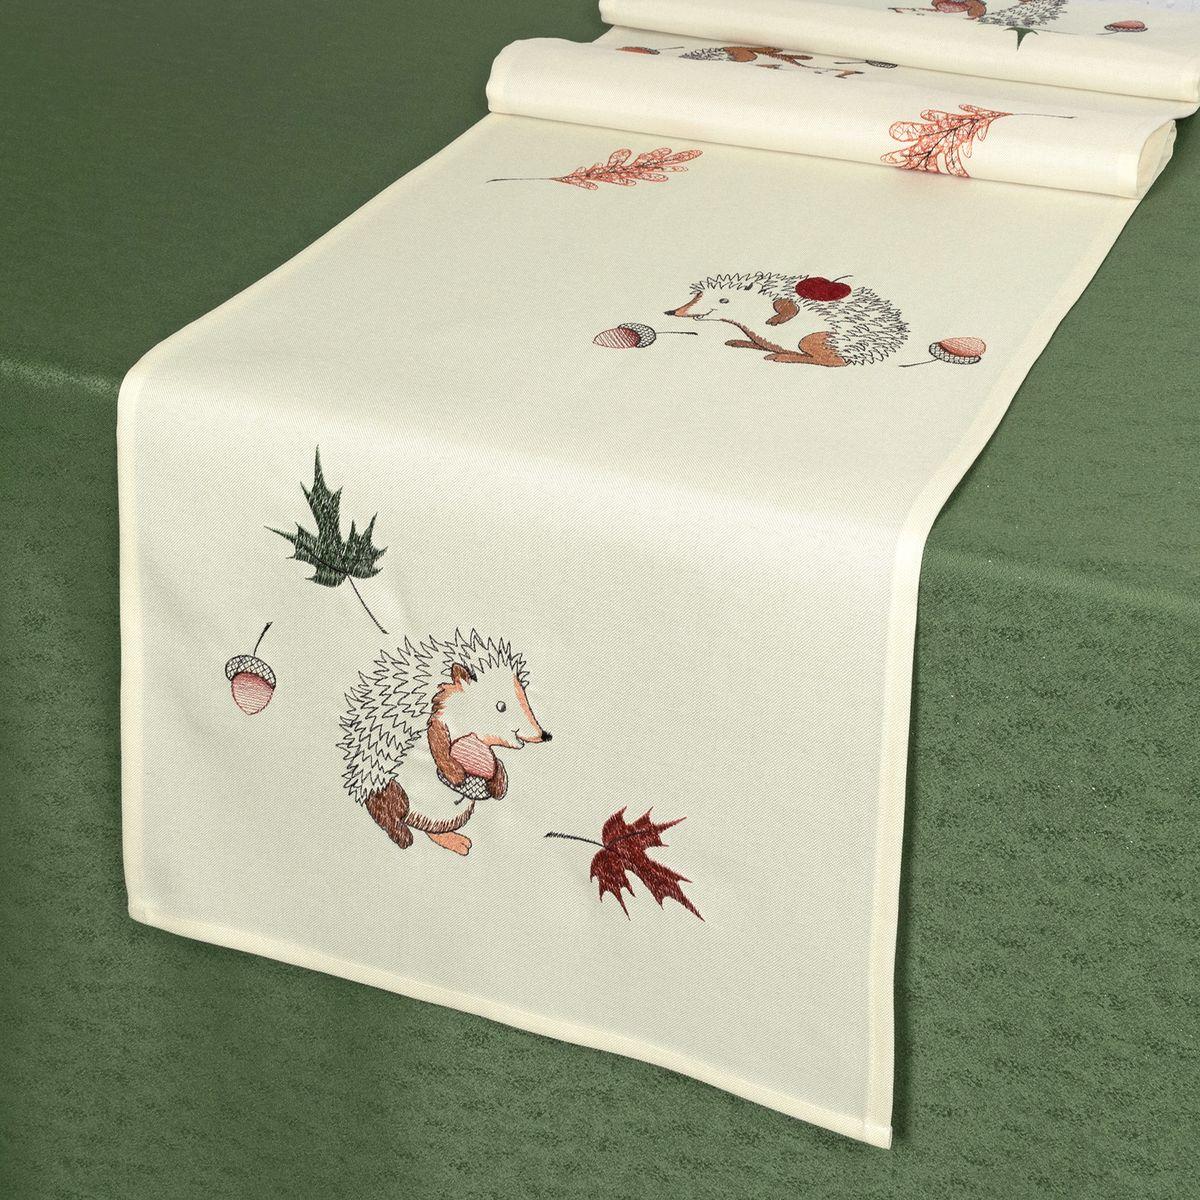 Дорожка для декорирования стола Schaefer , 40 х 140 см, цвет: белый. 07788-2111004900000360Дорожка для декорирования стола Schaefer может быть использована, как основной элемент, так и дополнение для создания уюта и романтического настроения.Дорожка выполнена из полиэстера. Изделие легко стирать: оно не мнется, не садится и быстро сохнет, более долговечно, чем изделие из натуральных волокон.Материал: 100% полиэстер.Размер: 40 х 140 см